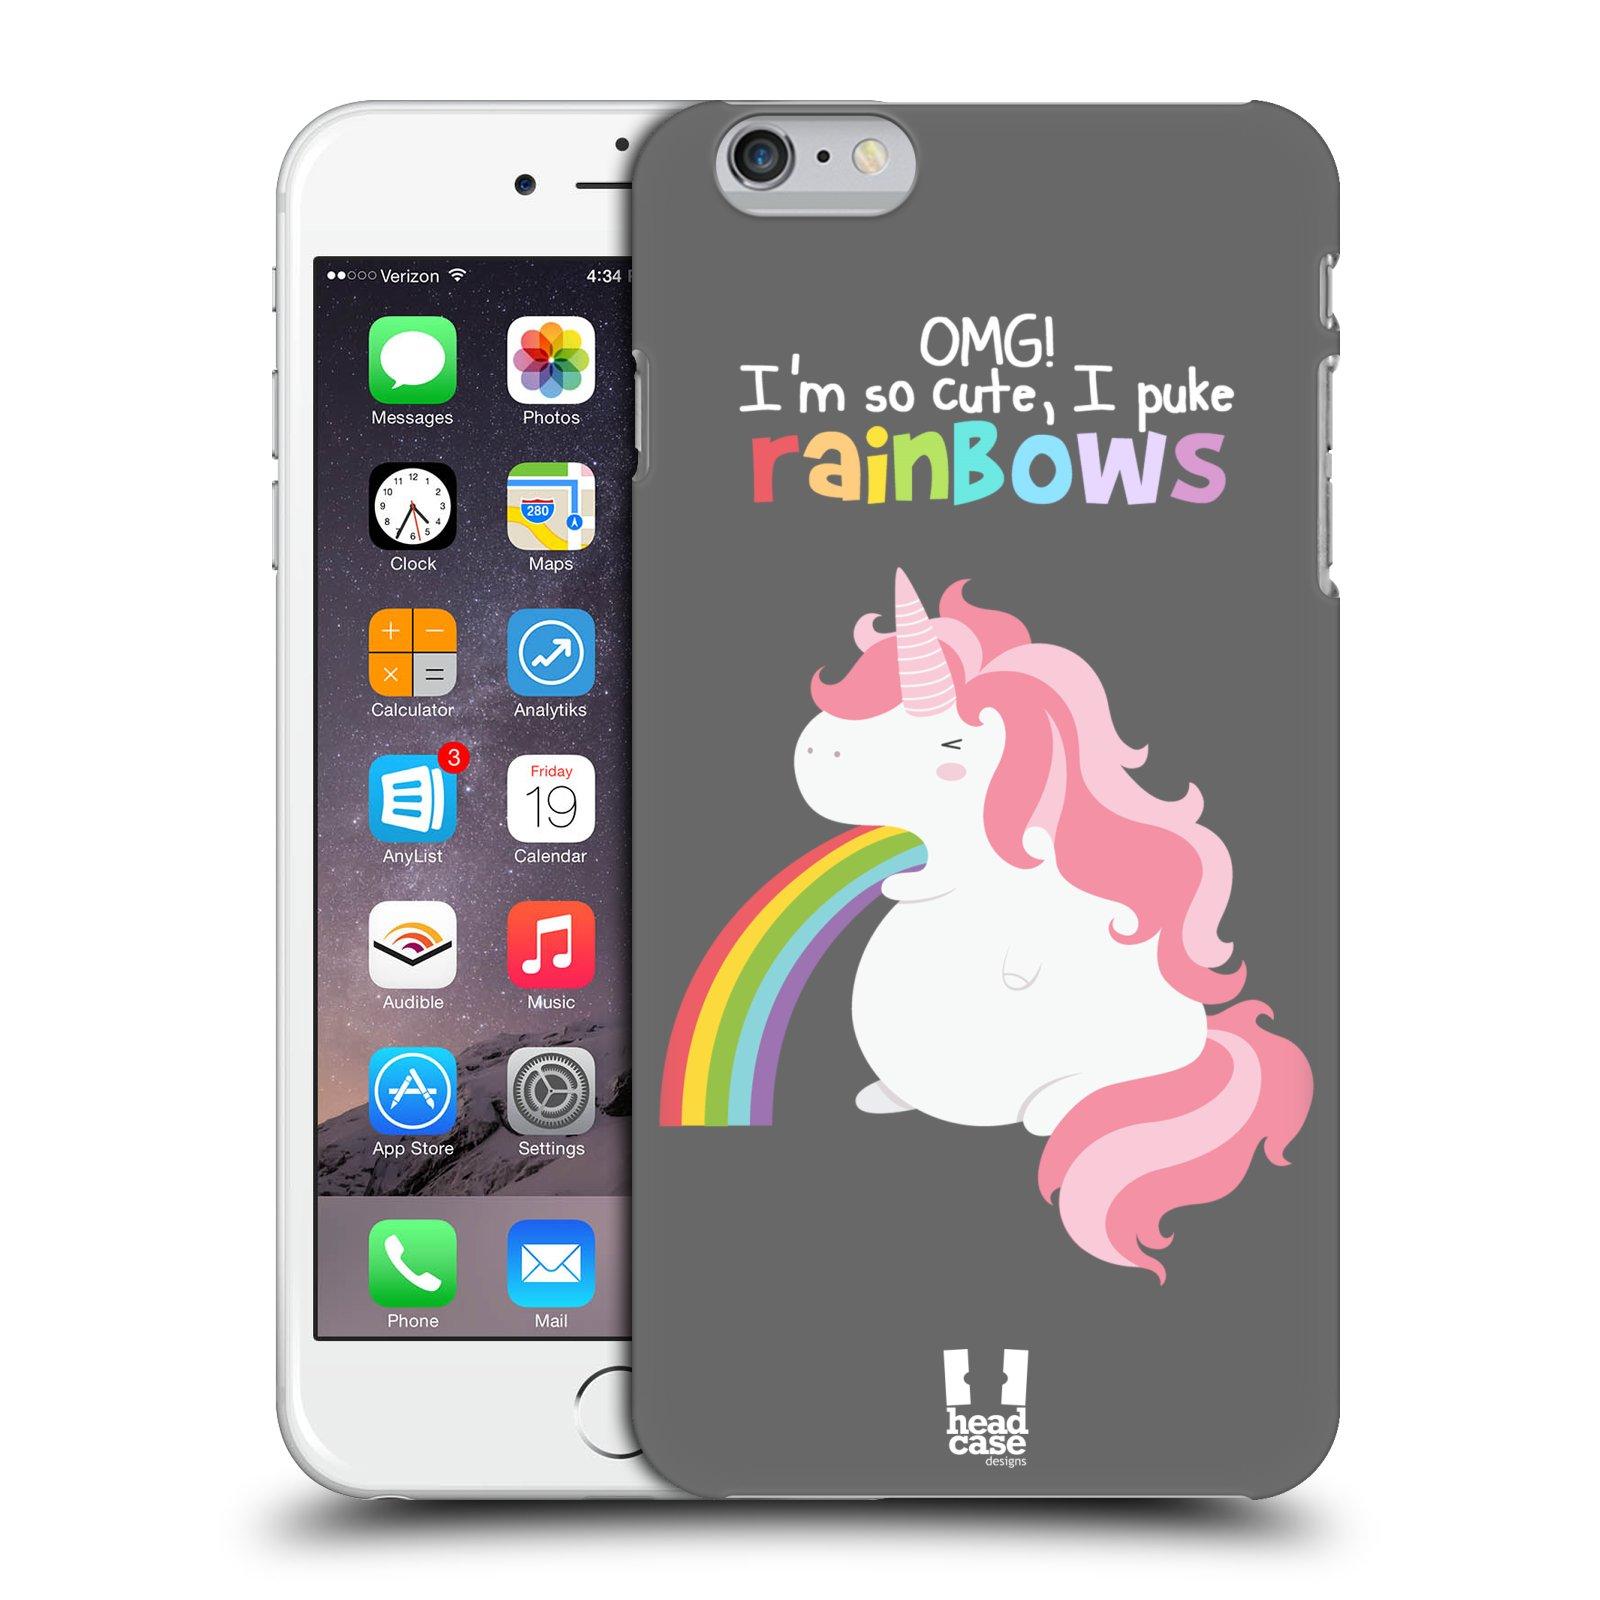 HEAD CASE DESIGNS RAINBOW PUKE CASE COVER FOR APPLE iPHONE 6 PLUS 5.5